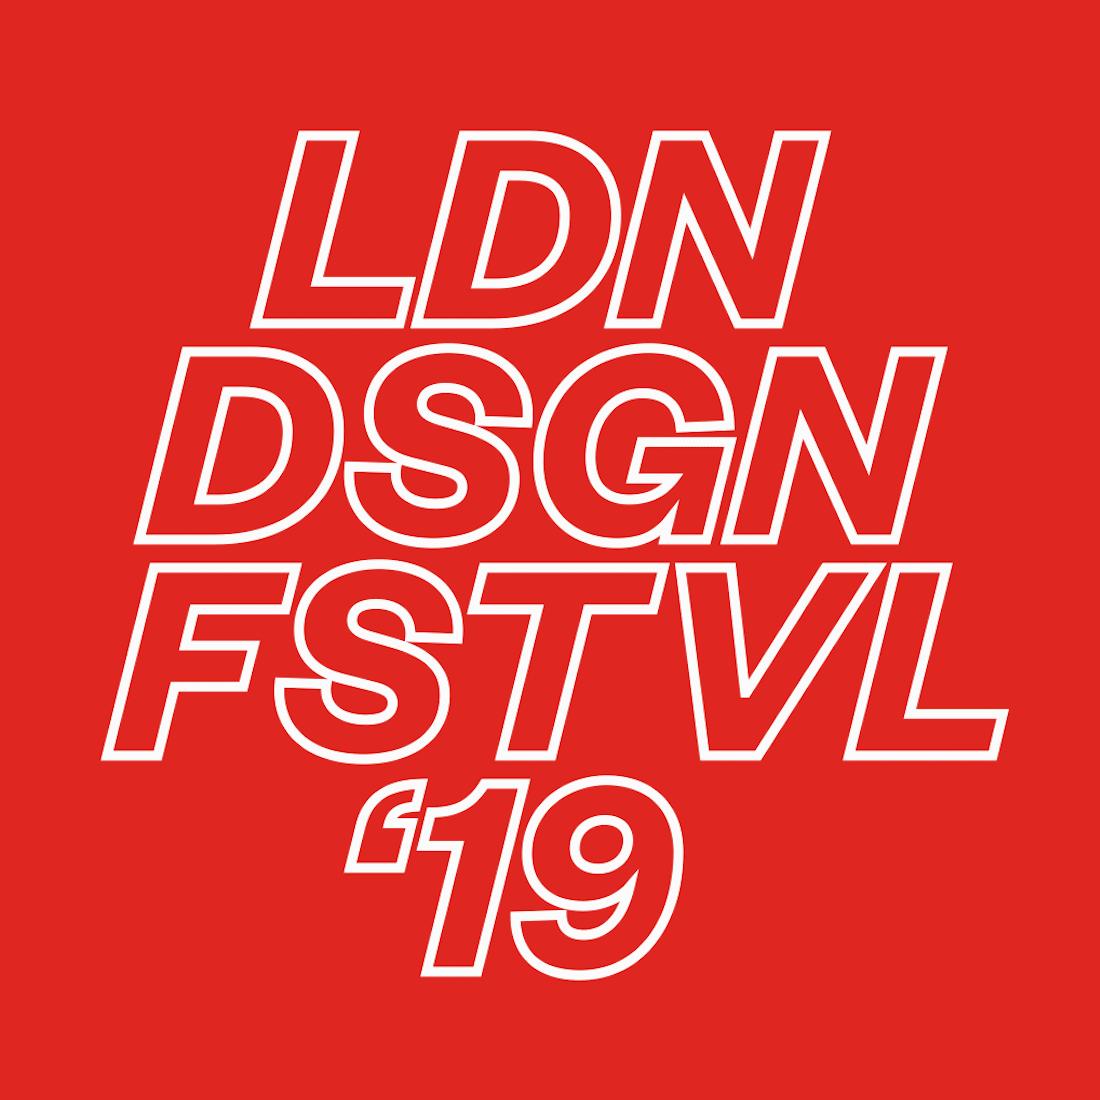 古舘 壮真さん、LONDON DESIGN FESTIVAL 2019にて出展!